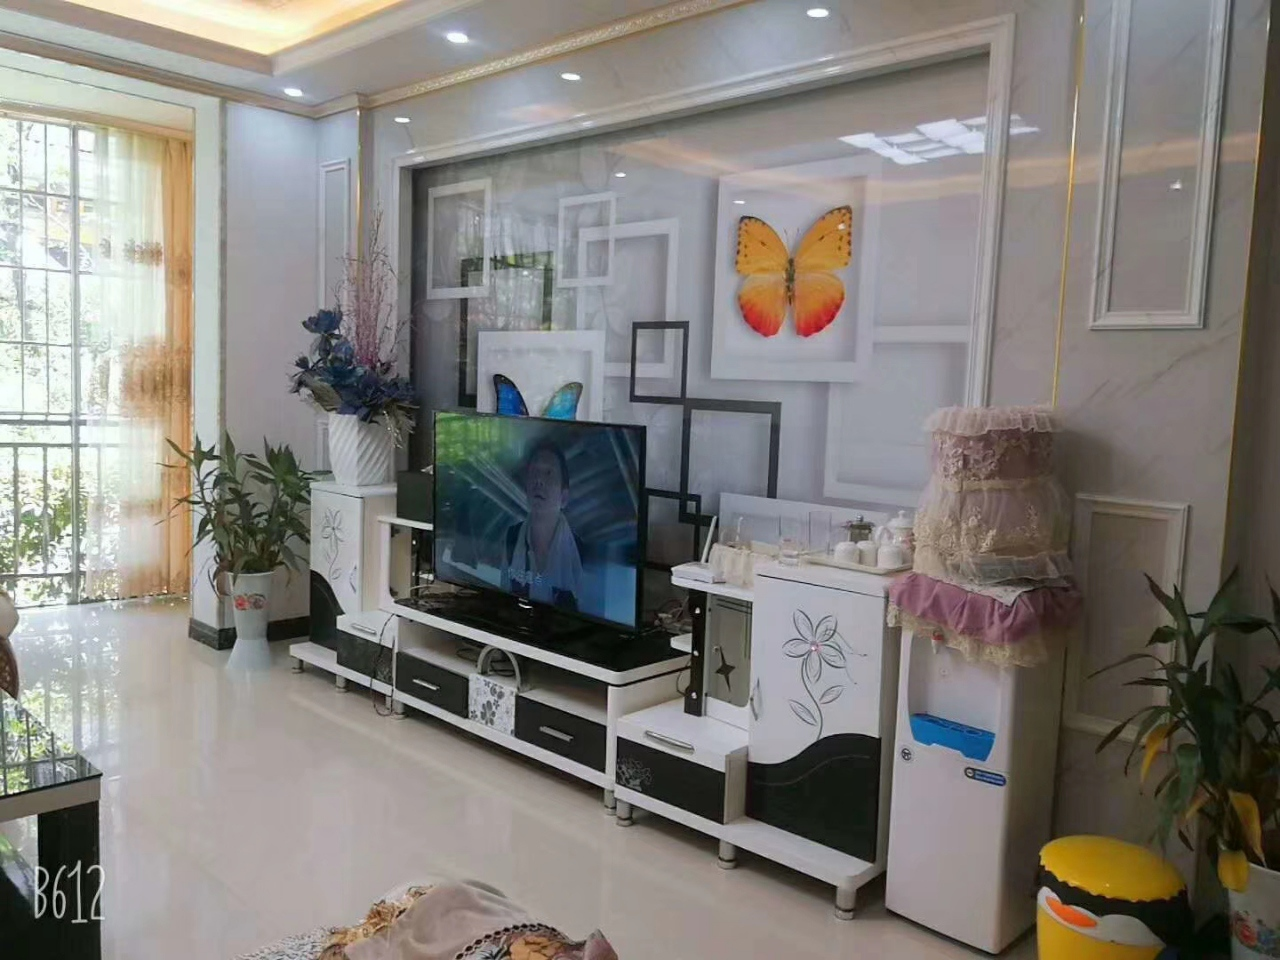 龙腾锦城3室 2厅 2卫82万元